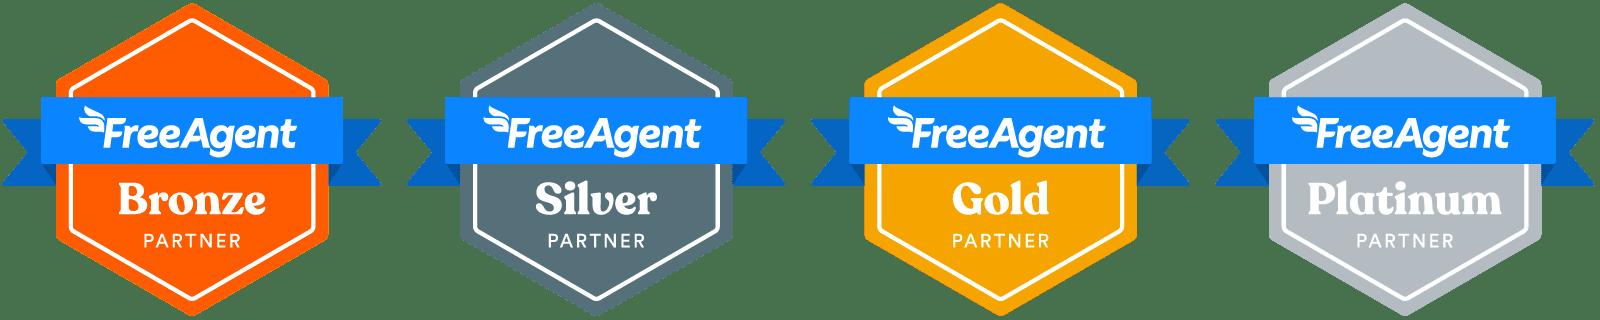 Partner Programme partner level badges